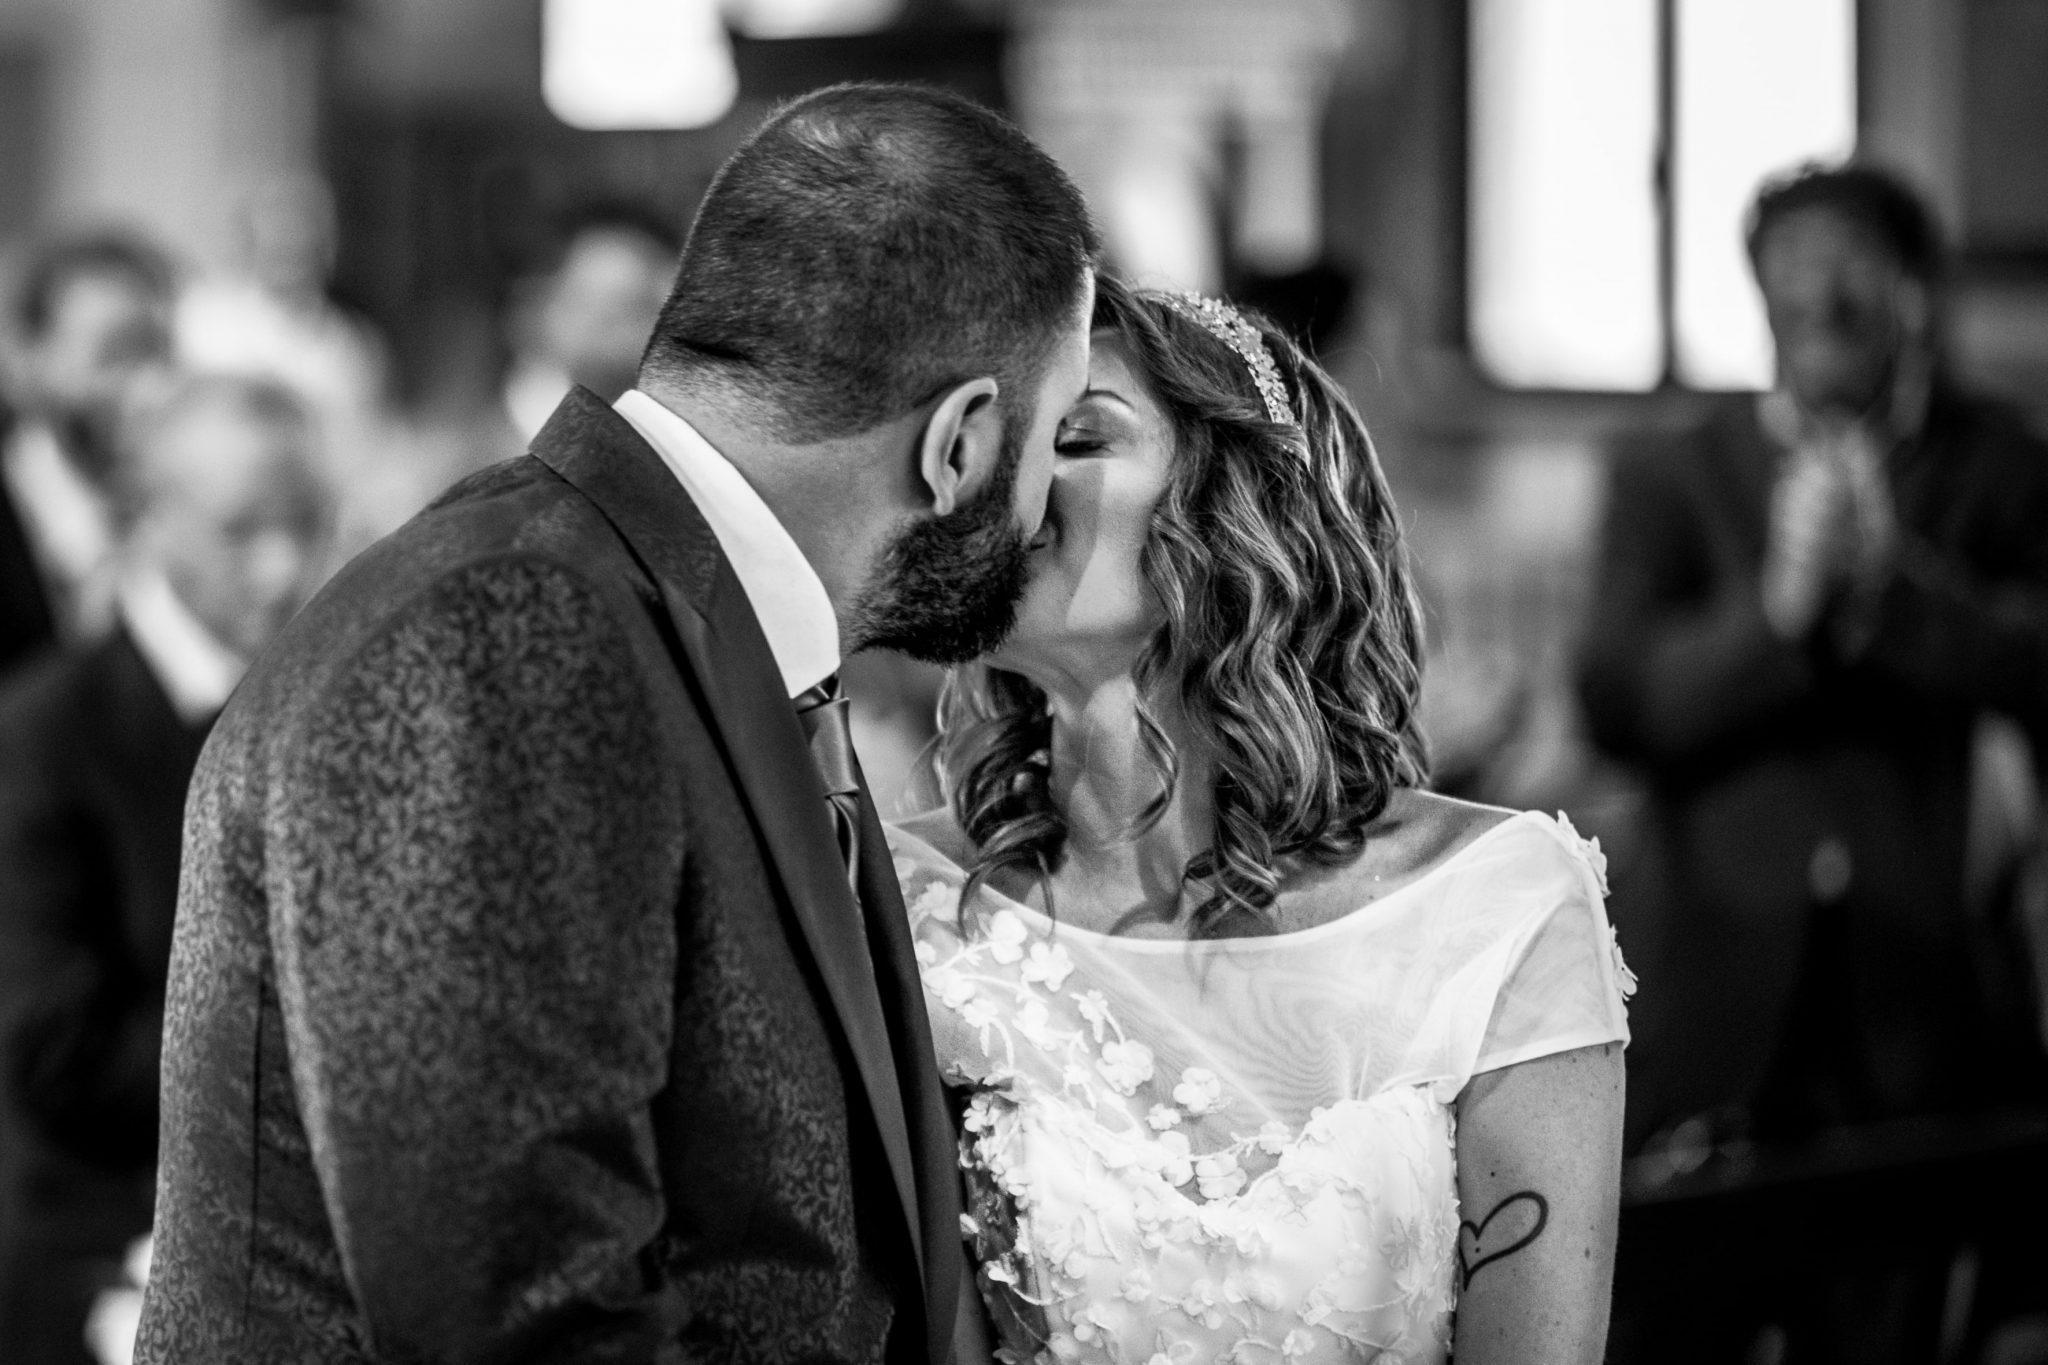 gli sposi si scambiano un bacio durante la cerimonia in chiesa